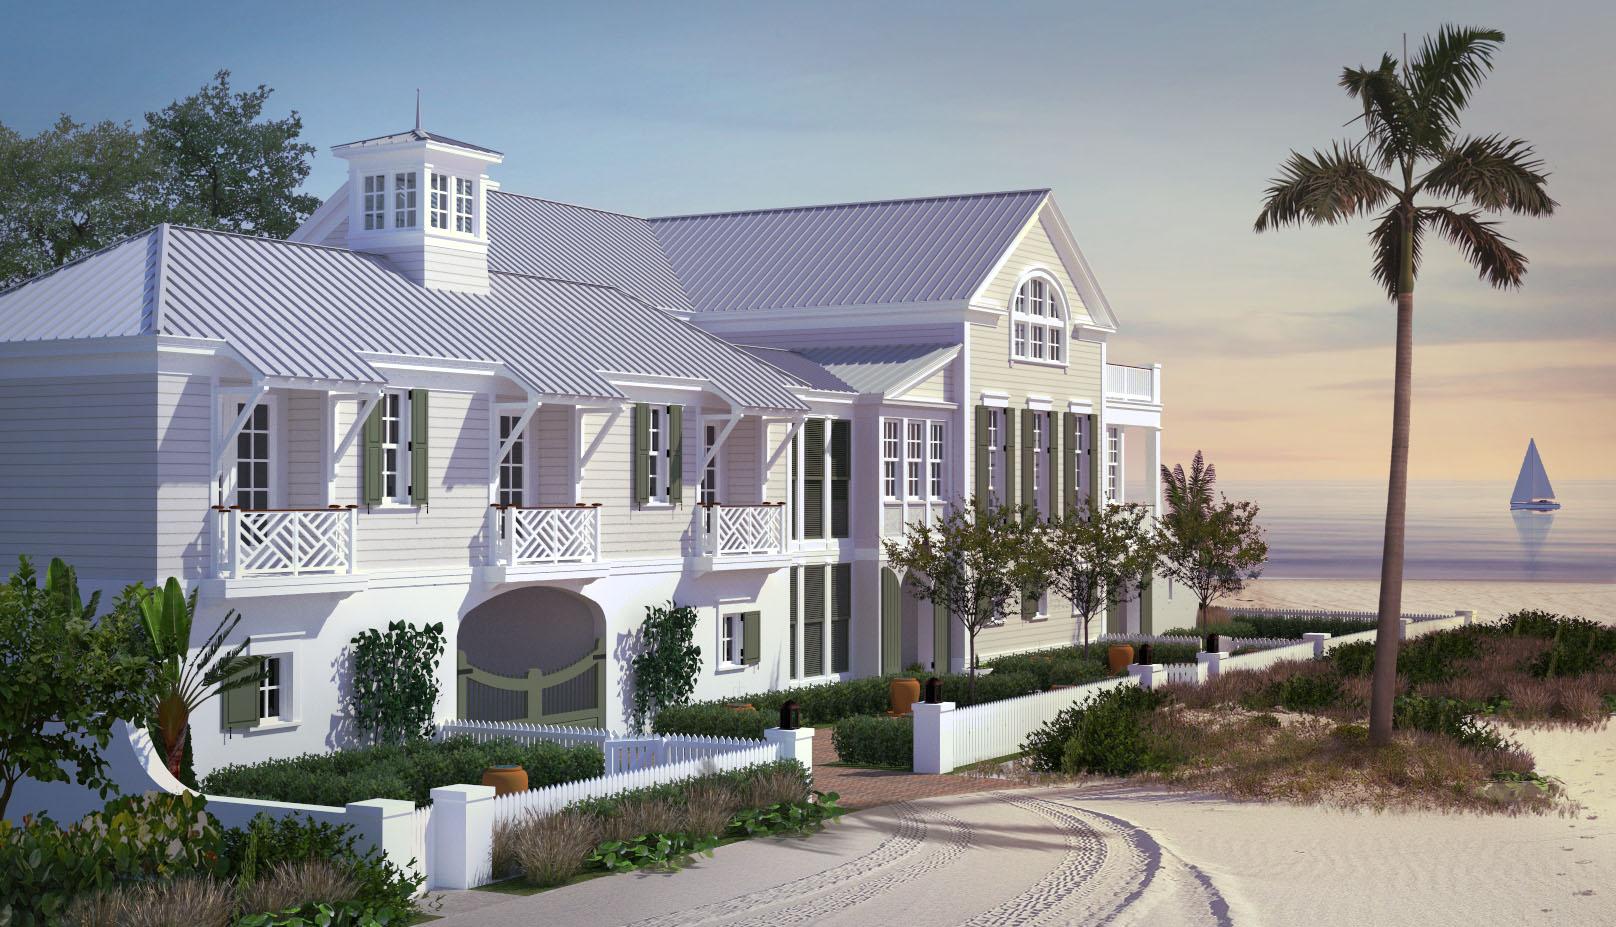 Cote-Kelly Residence.jpg